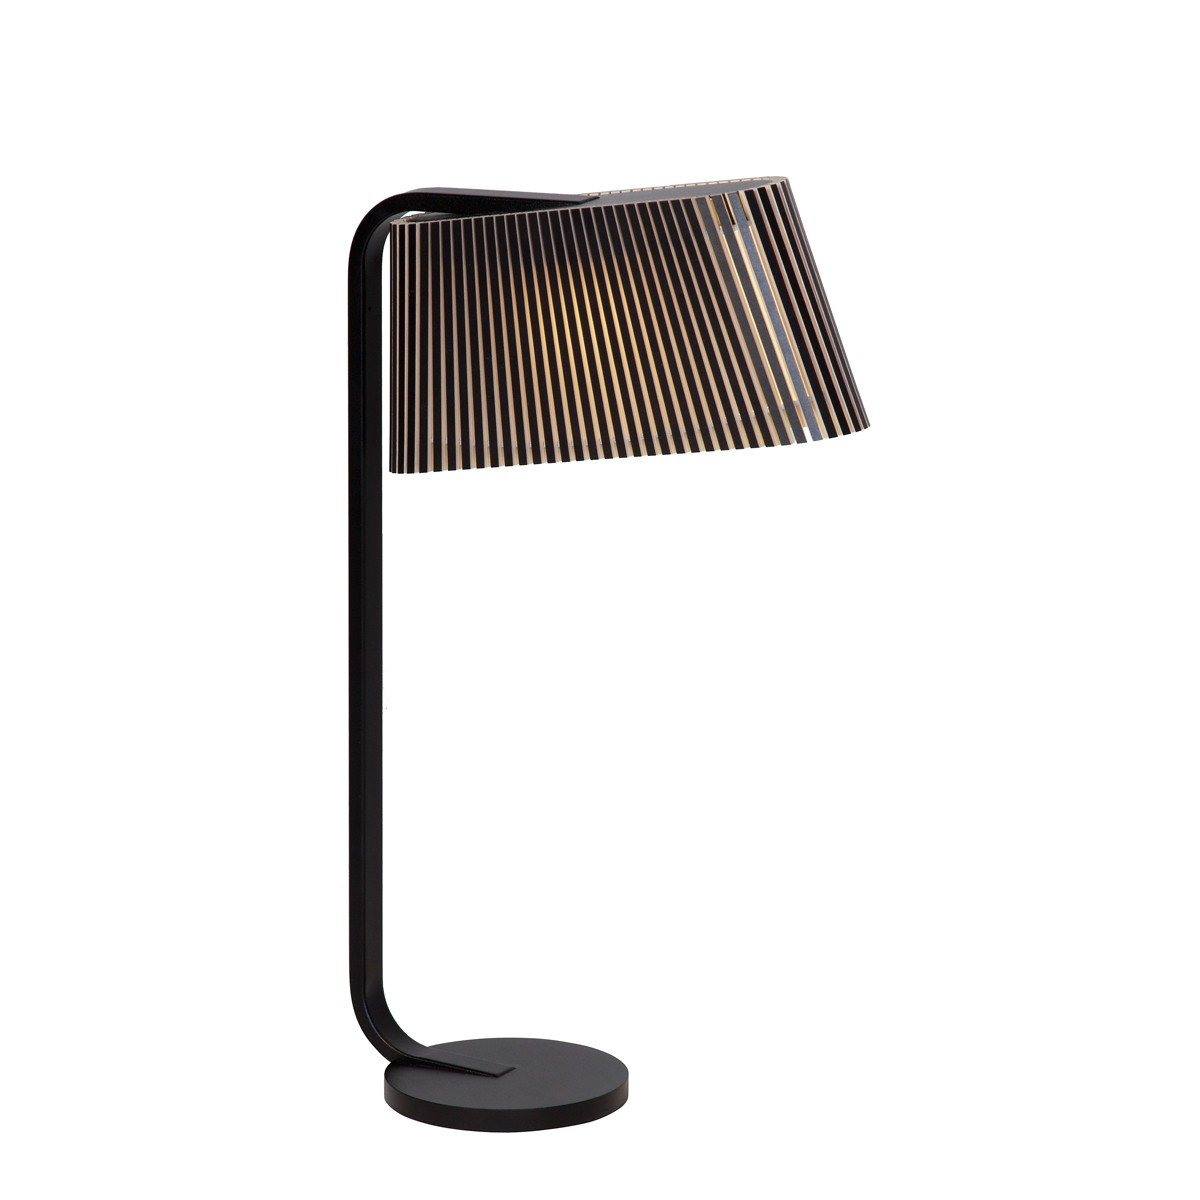 Secto Design Owalo 7020 Tischleuchte, schwarz, Schirm: schwarz laminiert